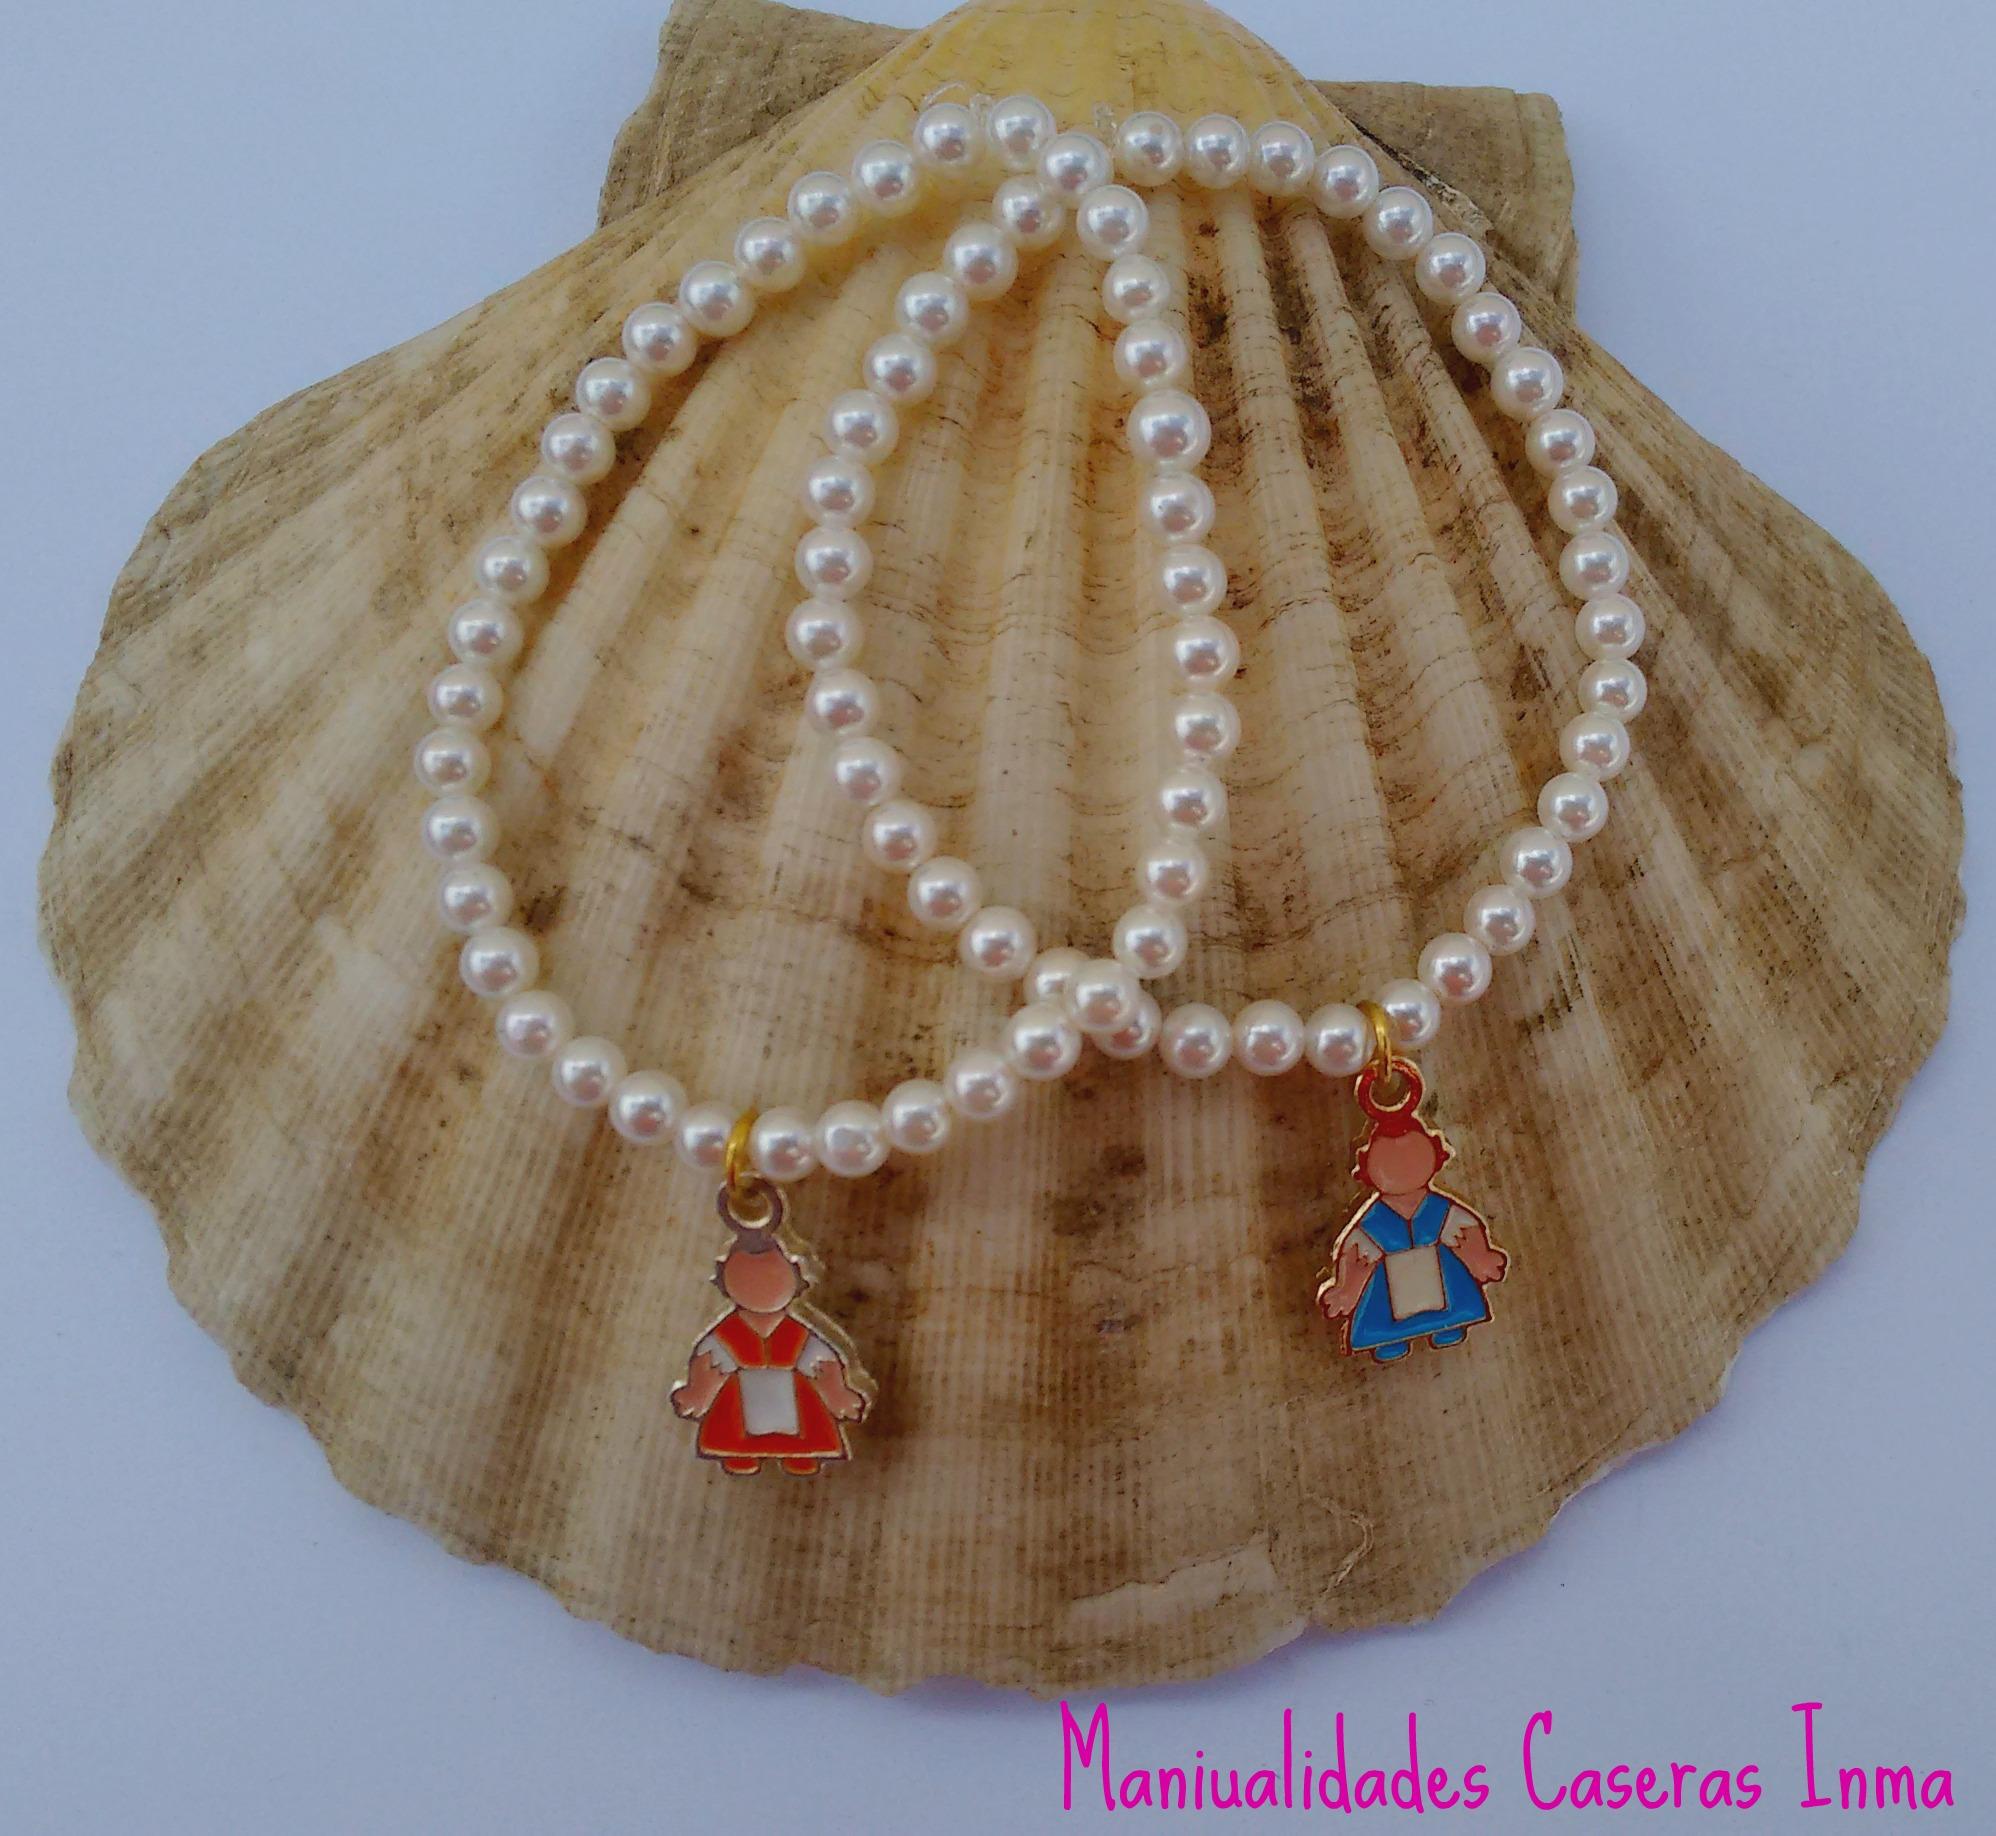 Manualidades Caseras Inma_ Pulsera de perlas con falleras